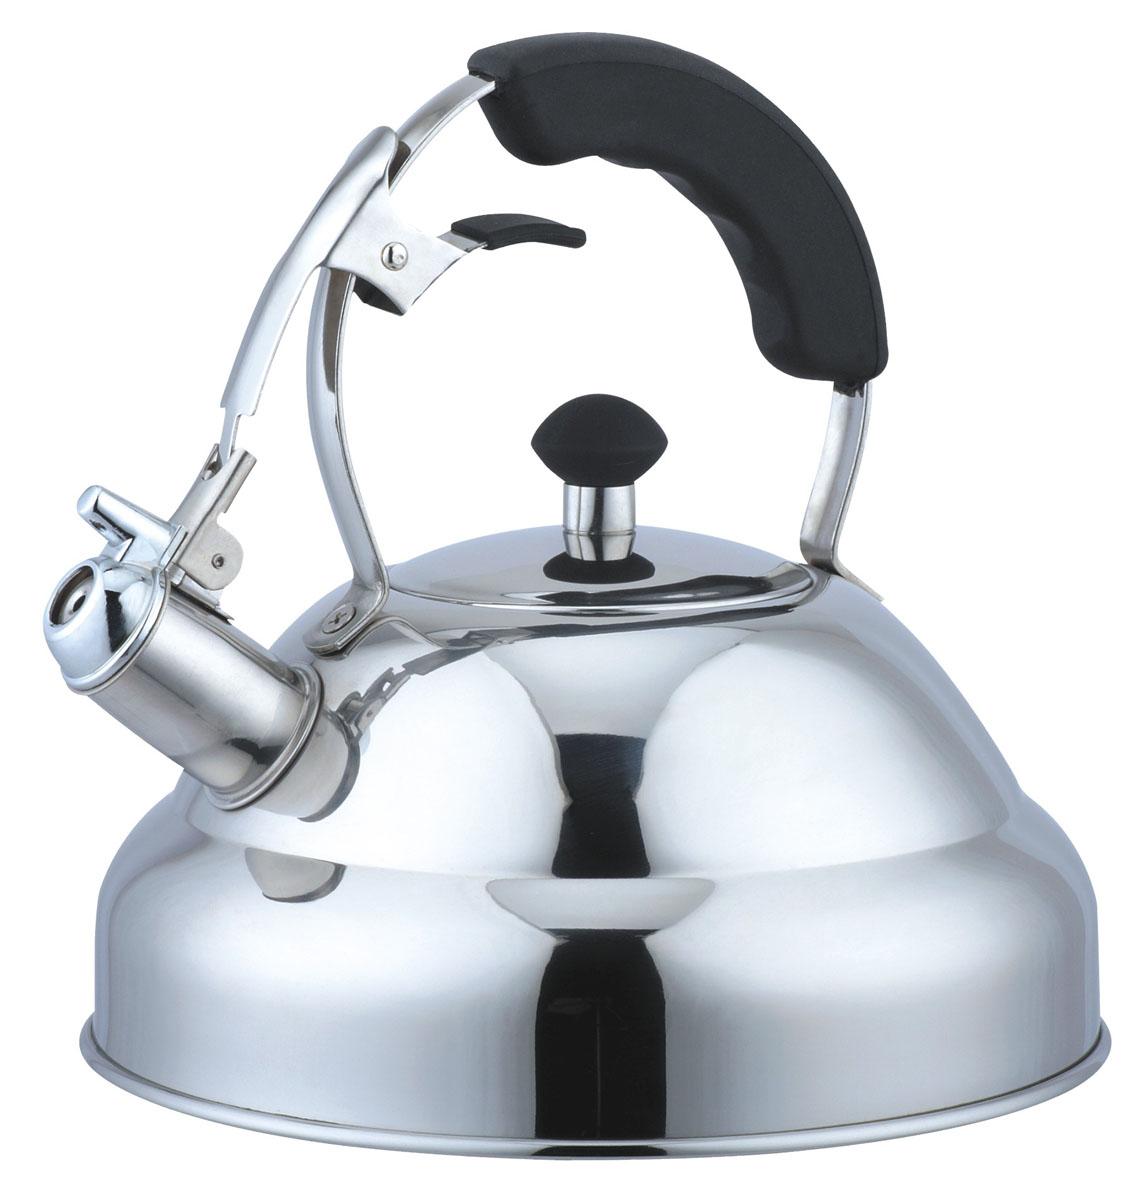 Чайник Bekker Koch со свистком, 3 л. BK-S453BK-S453Чайник Bekker Koch изготовлен из высококачественной нержавеющей стали 18/10 с зеркальной полировкой. Цельнометаллическое дно распределяет тепло по всей поверхности, что позволяет чайнику быстро закипать. Эргономичная фиксированная ручка выполнена из нержавеющей стали с силиконовым покрытием черного цвета. Носик оснащен откидным свистком, который подскажет, когда вода закипела. Свисток открывается и закрывается нажатием рычага на рукоятке. Широкое отверстие по верхнему краю позволяет удобно наливать воду.Подходит для всех типов плит, включая индукционные. Можно мыть в посудомоечной машине.